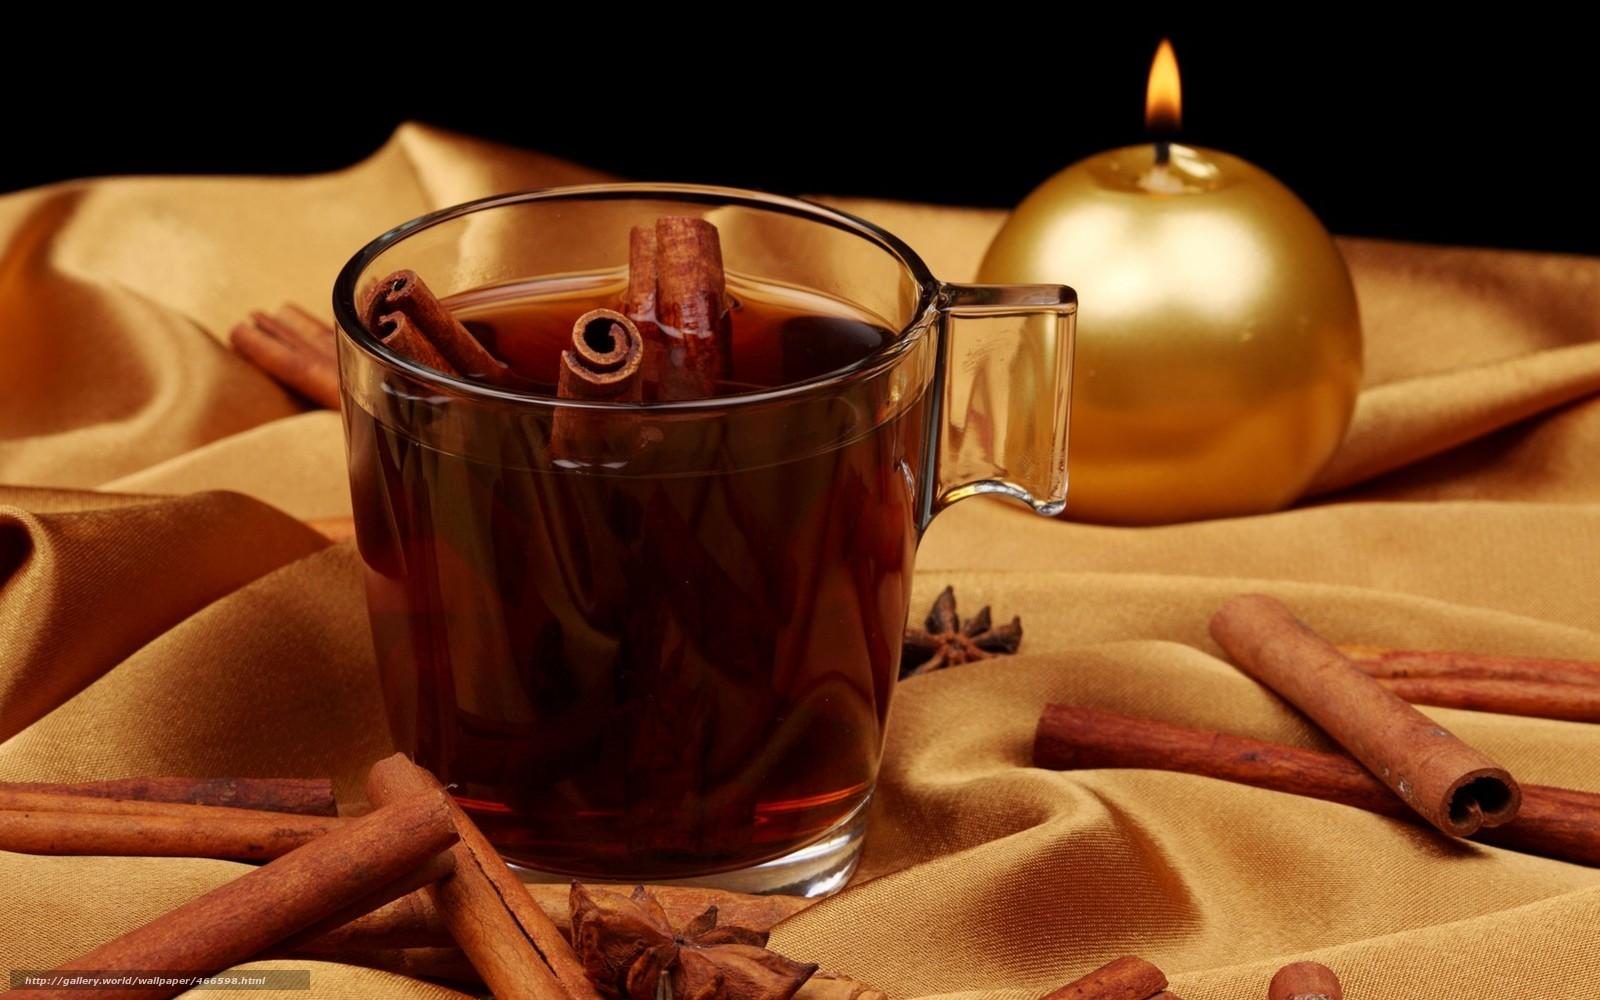 Скачать обои чай,  корица,  чашка,  стеклянная бесплатно для рабочего стола в разрешении 1680x1050 — картинка №466598